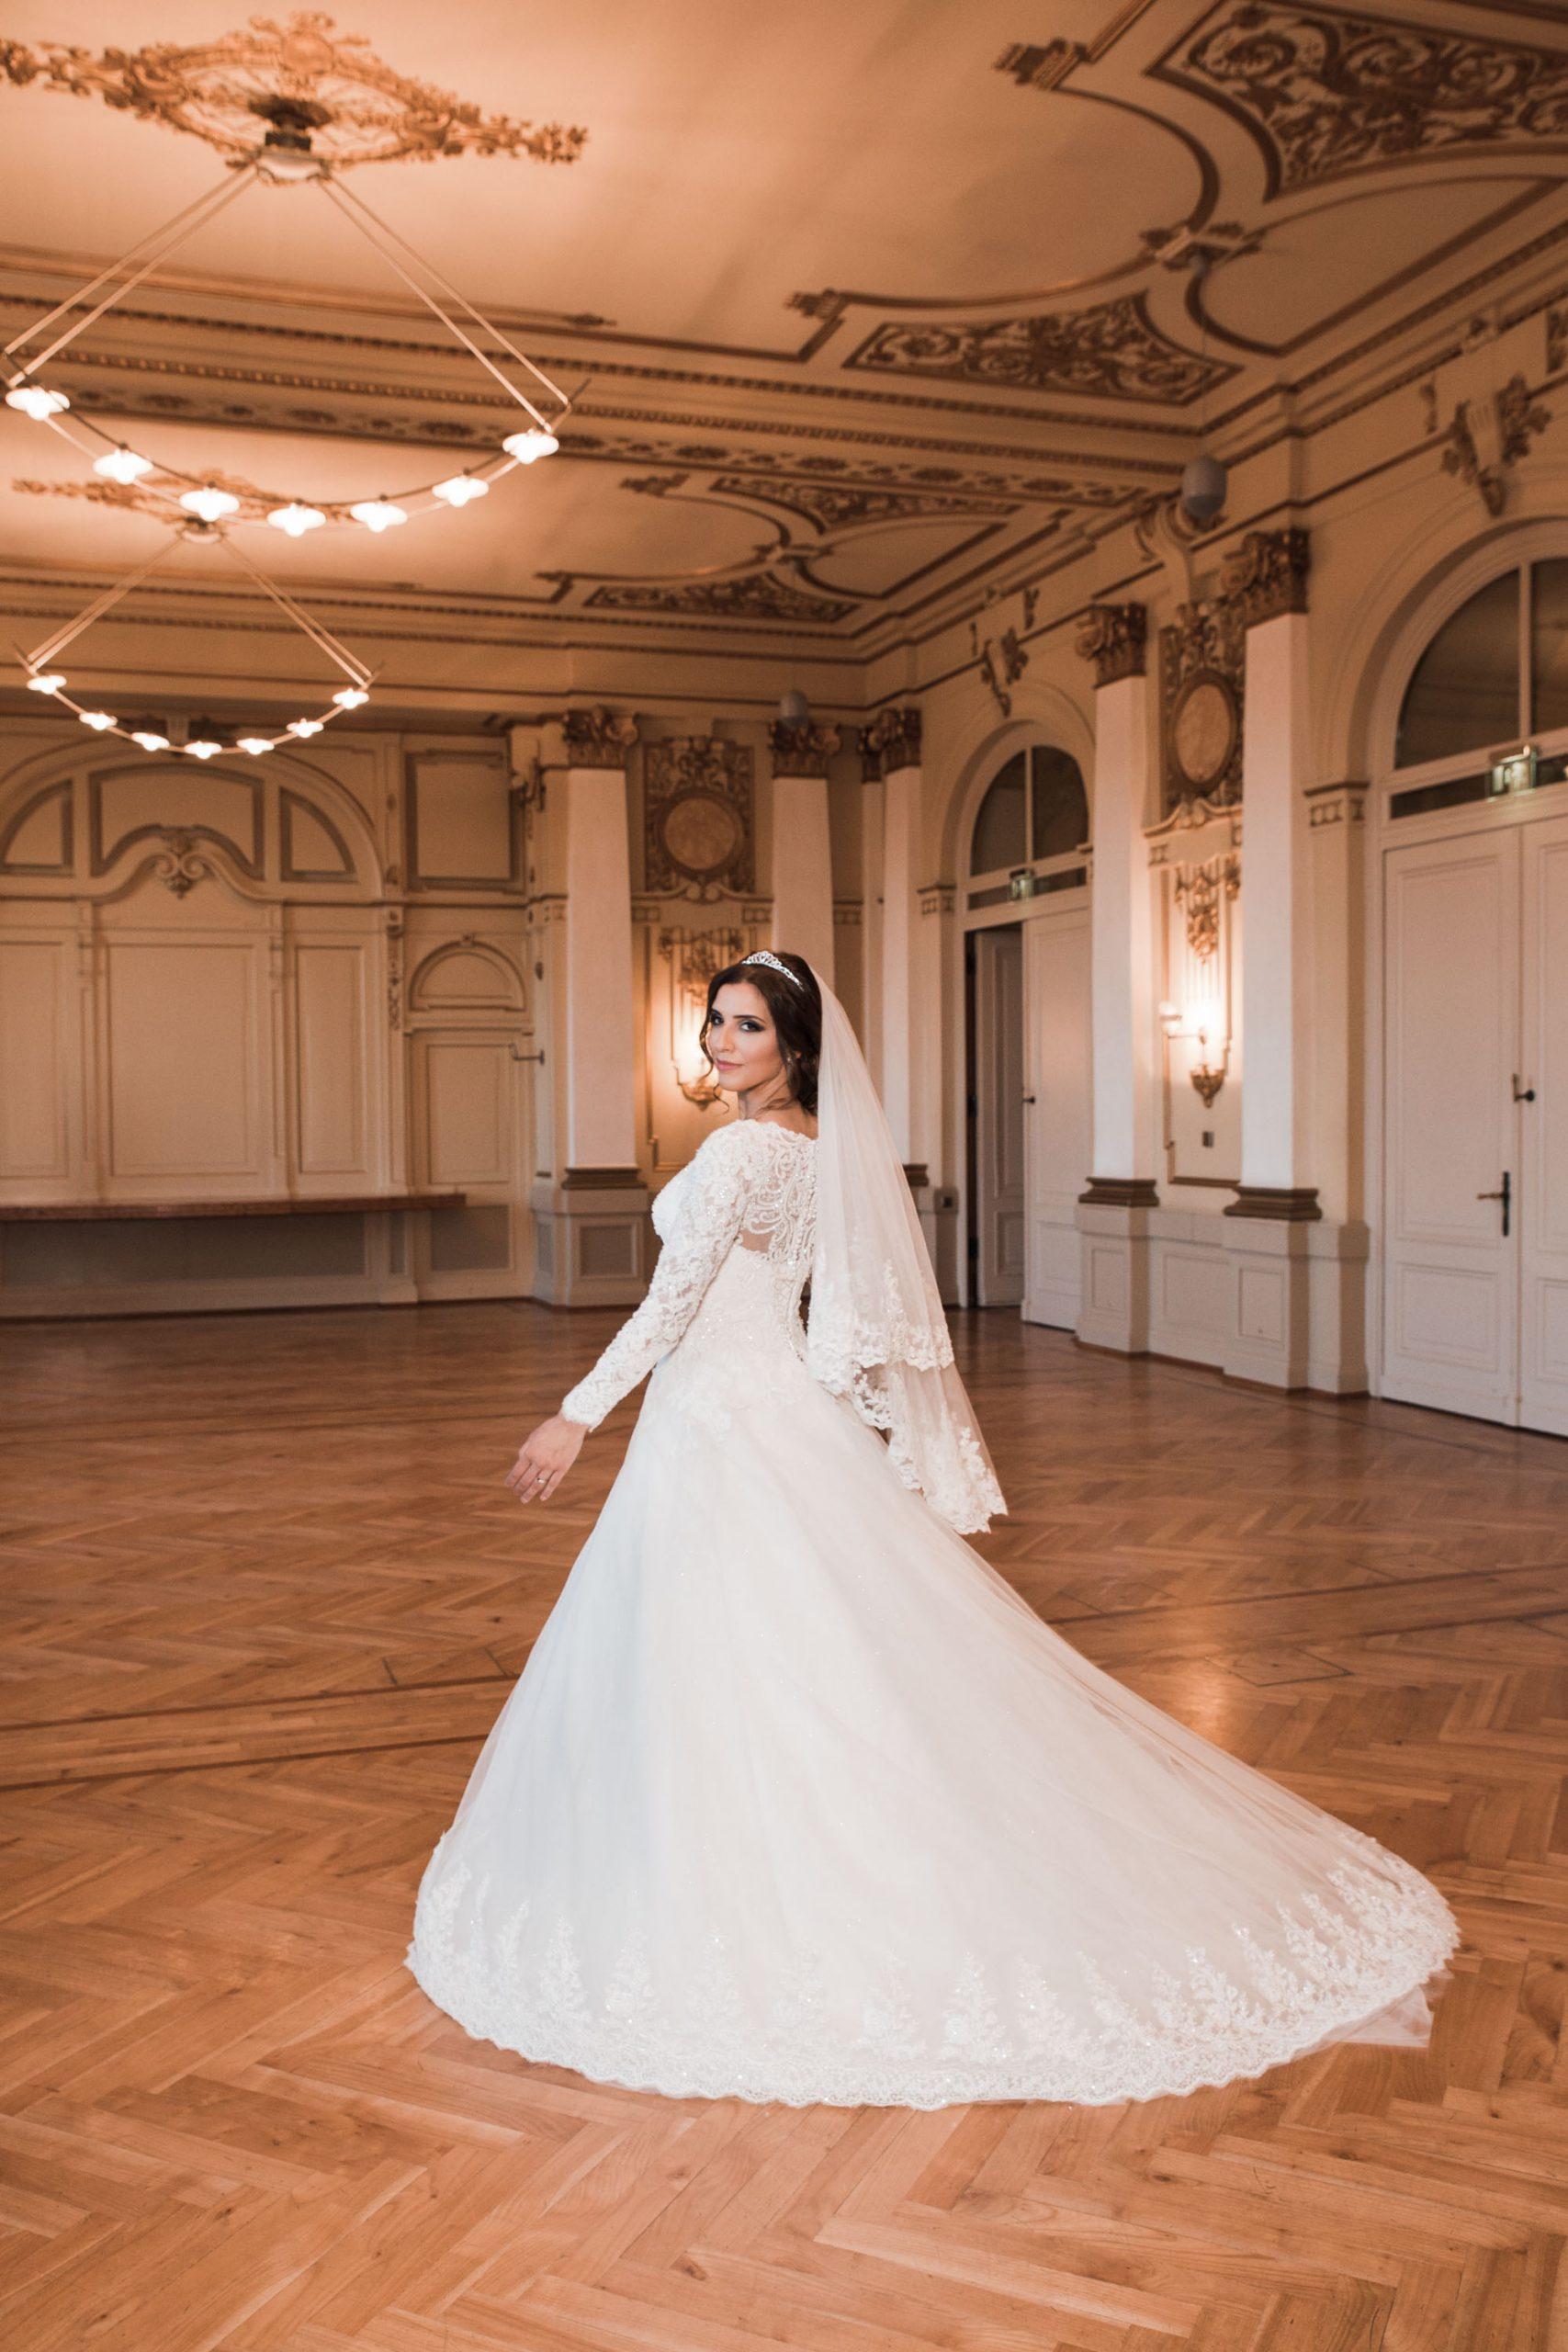 Hochzeitsfoto entstanden in der Stadthalle Wuppertal. Wundervolle Location mit viel Stuck, Schmuck und edler Einrichtung. Braut präsentiert ihr Brautkleid von hinten. Kreatives Hochzeitsfoto vom Hochzeitsfotografen Pixeldreams.